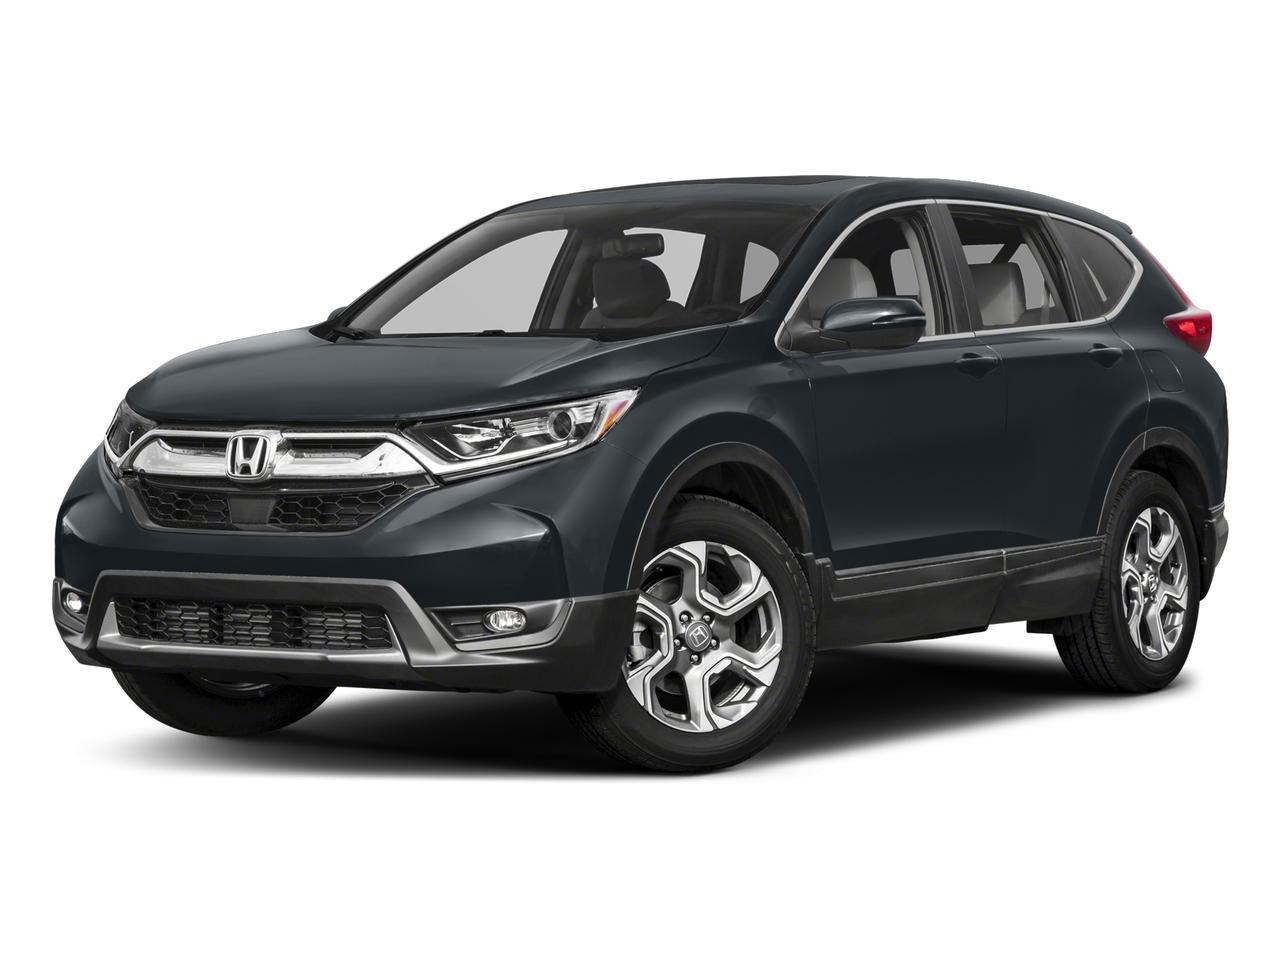 2017 Honda CR-V Vehicle Photo in Medina, OH 44256